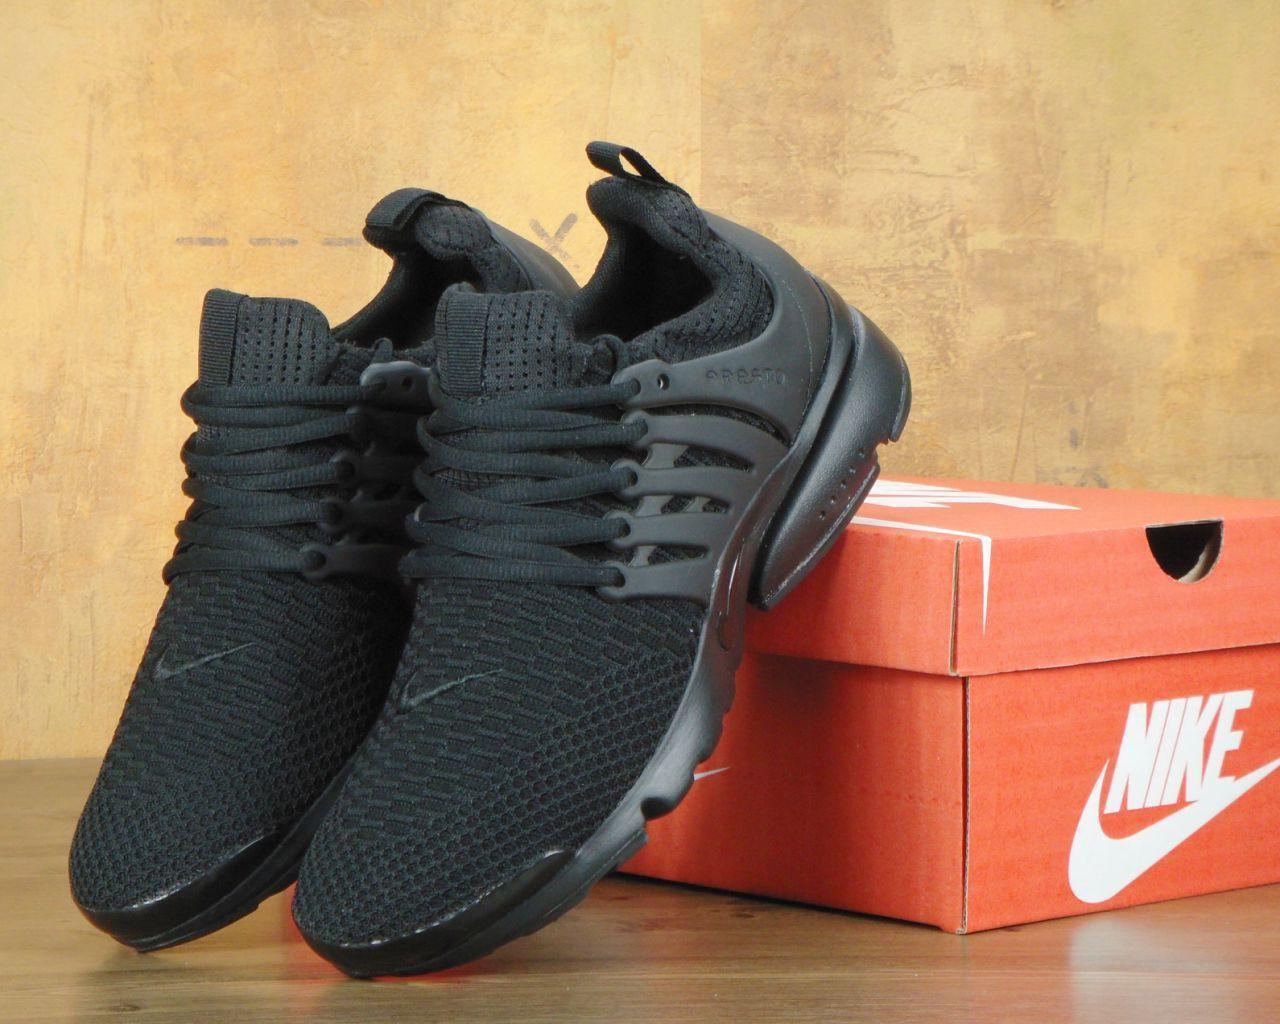 Мужские кроссовки Nike Air Presto.Черные,текстиль